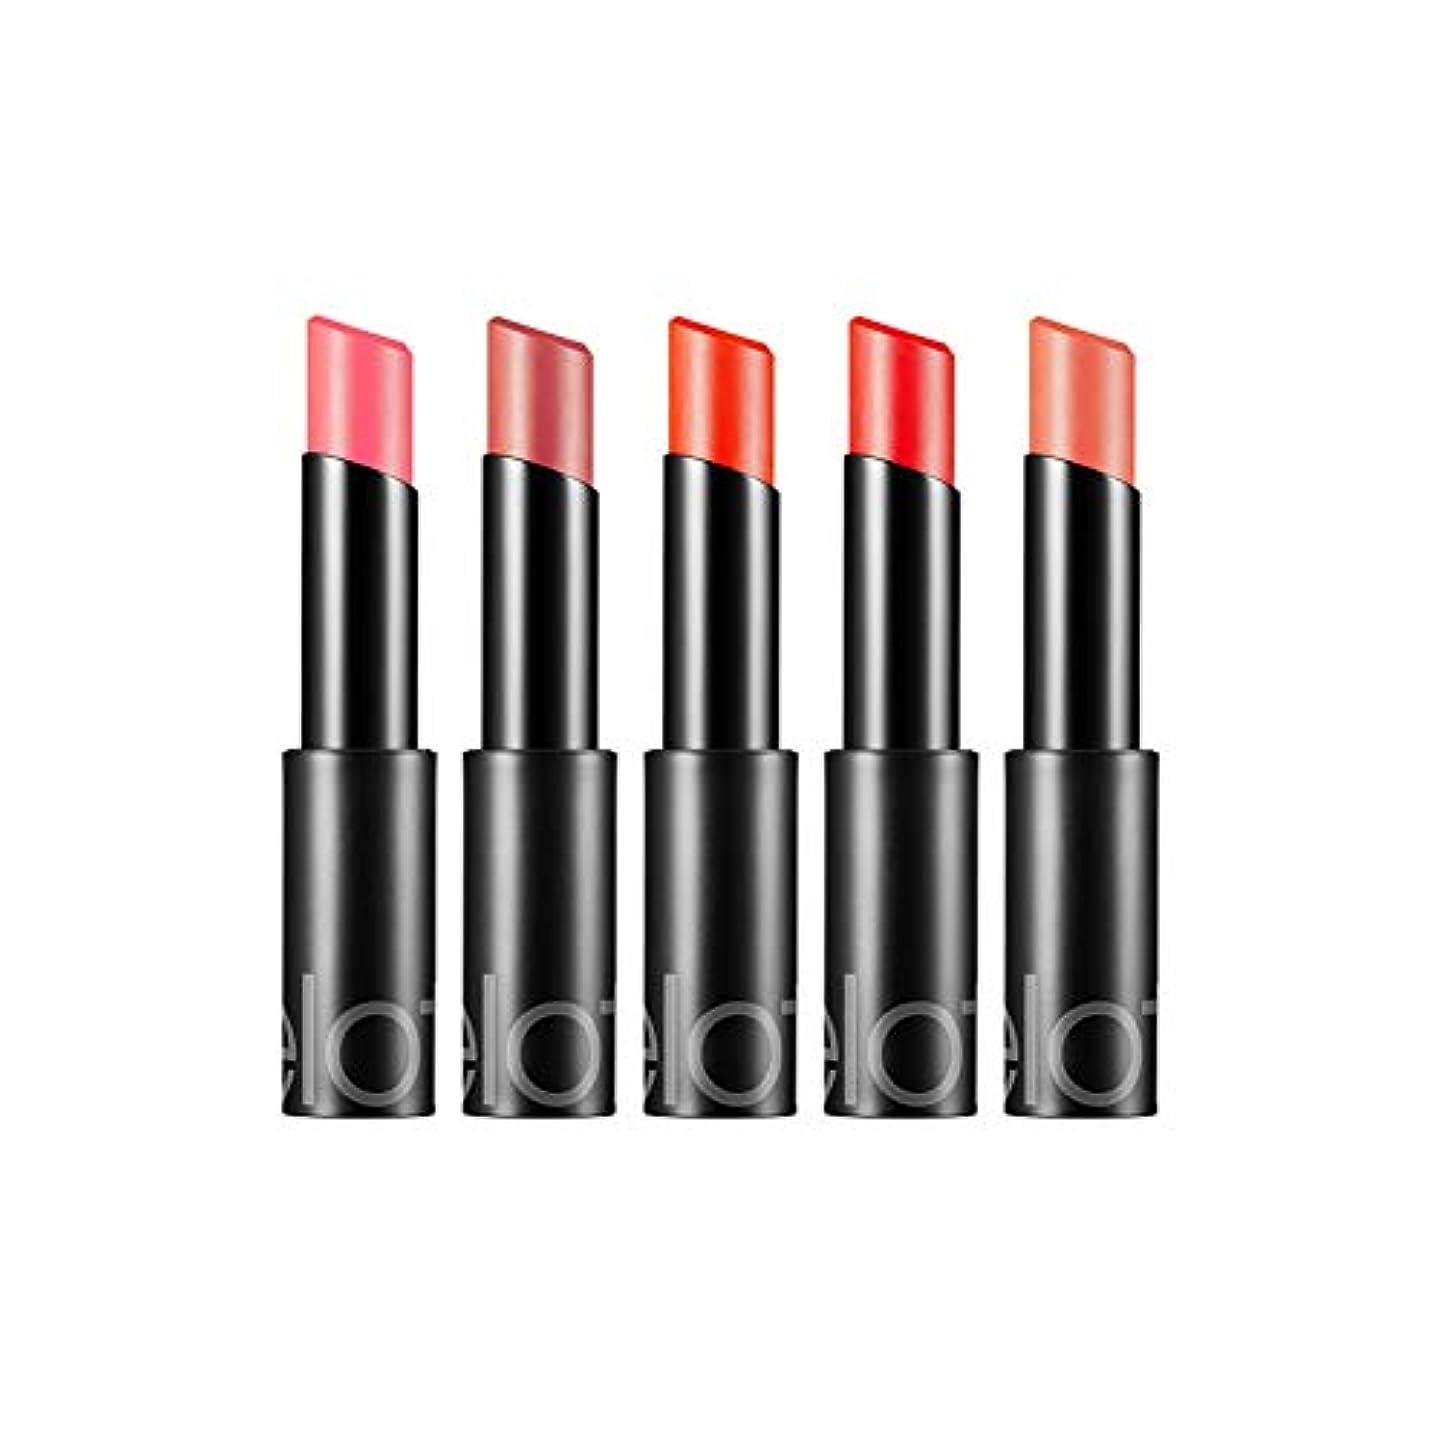 【lotree公式】 lotree Colorment Cream Lip 3.5g/ロトリー カラーメント クリーム リップ 3.5g (#1 ピンク ホライズン)